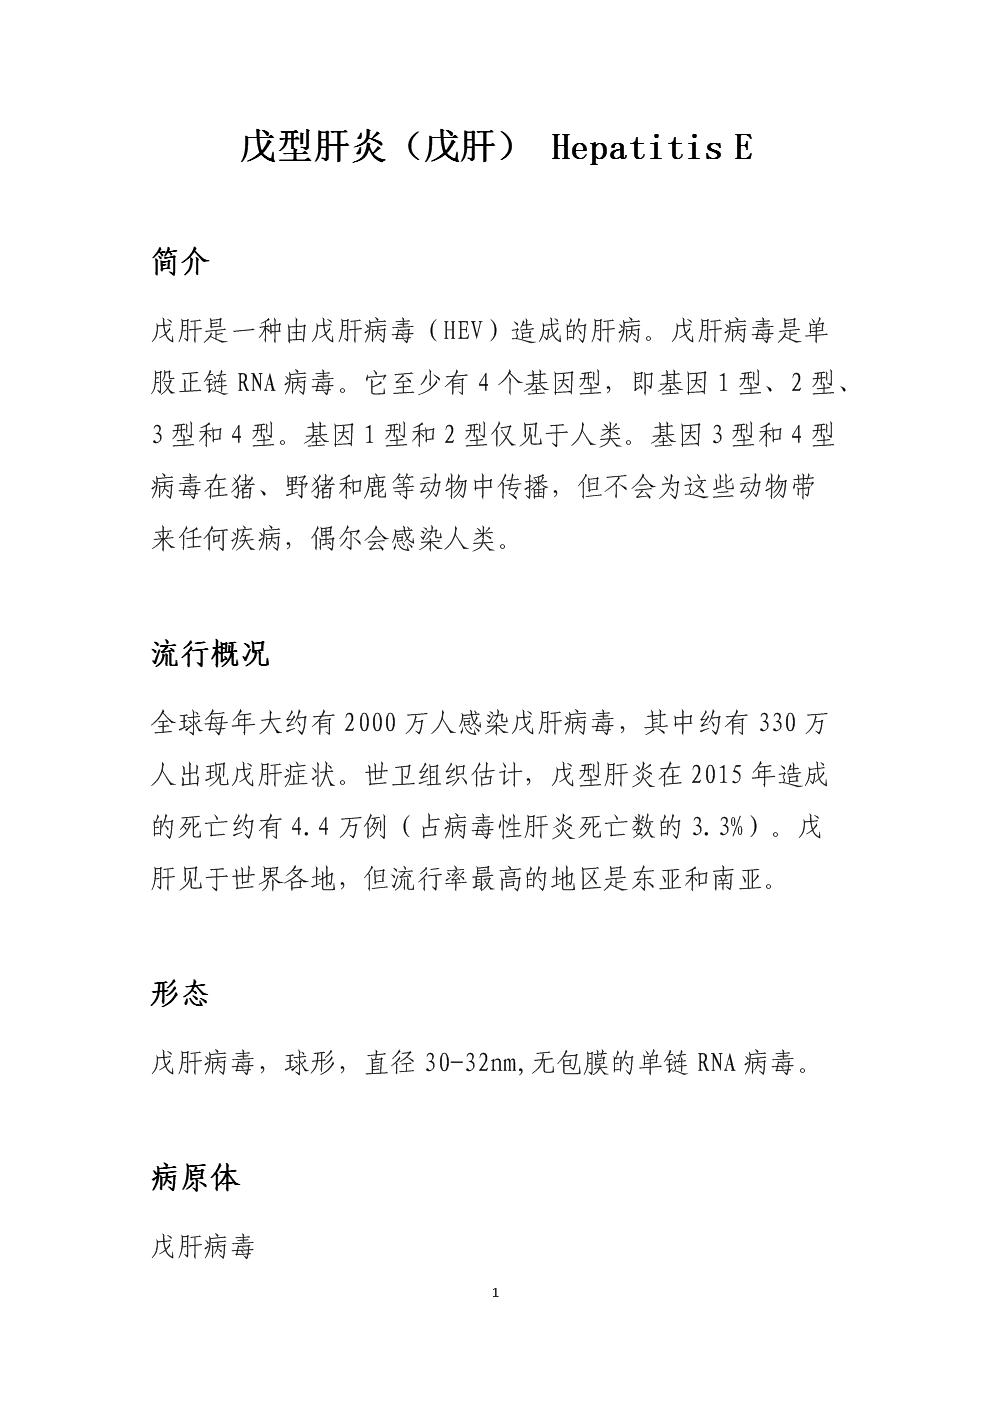 戊型肝炎(戊肝) Hepatitis E.docx